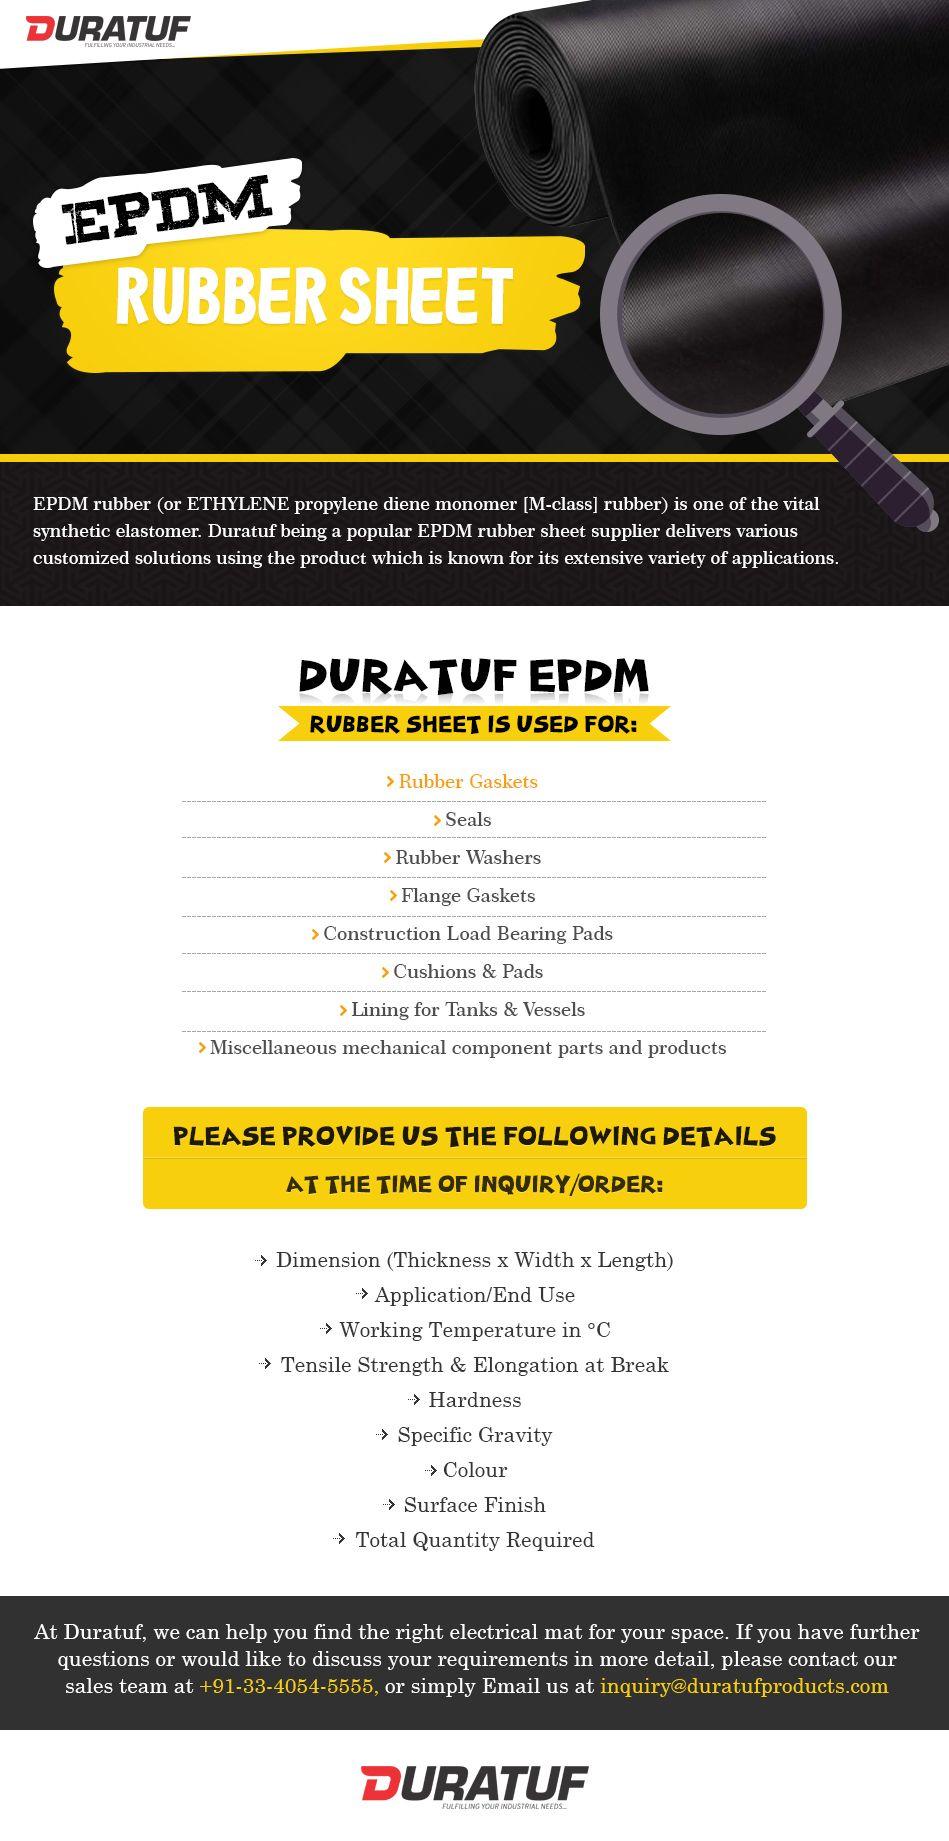 Duratuf being a popular EPDM rubber sheet supplier